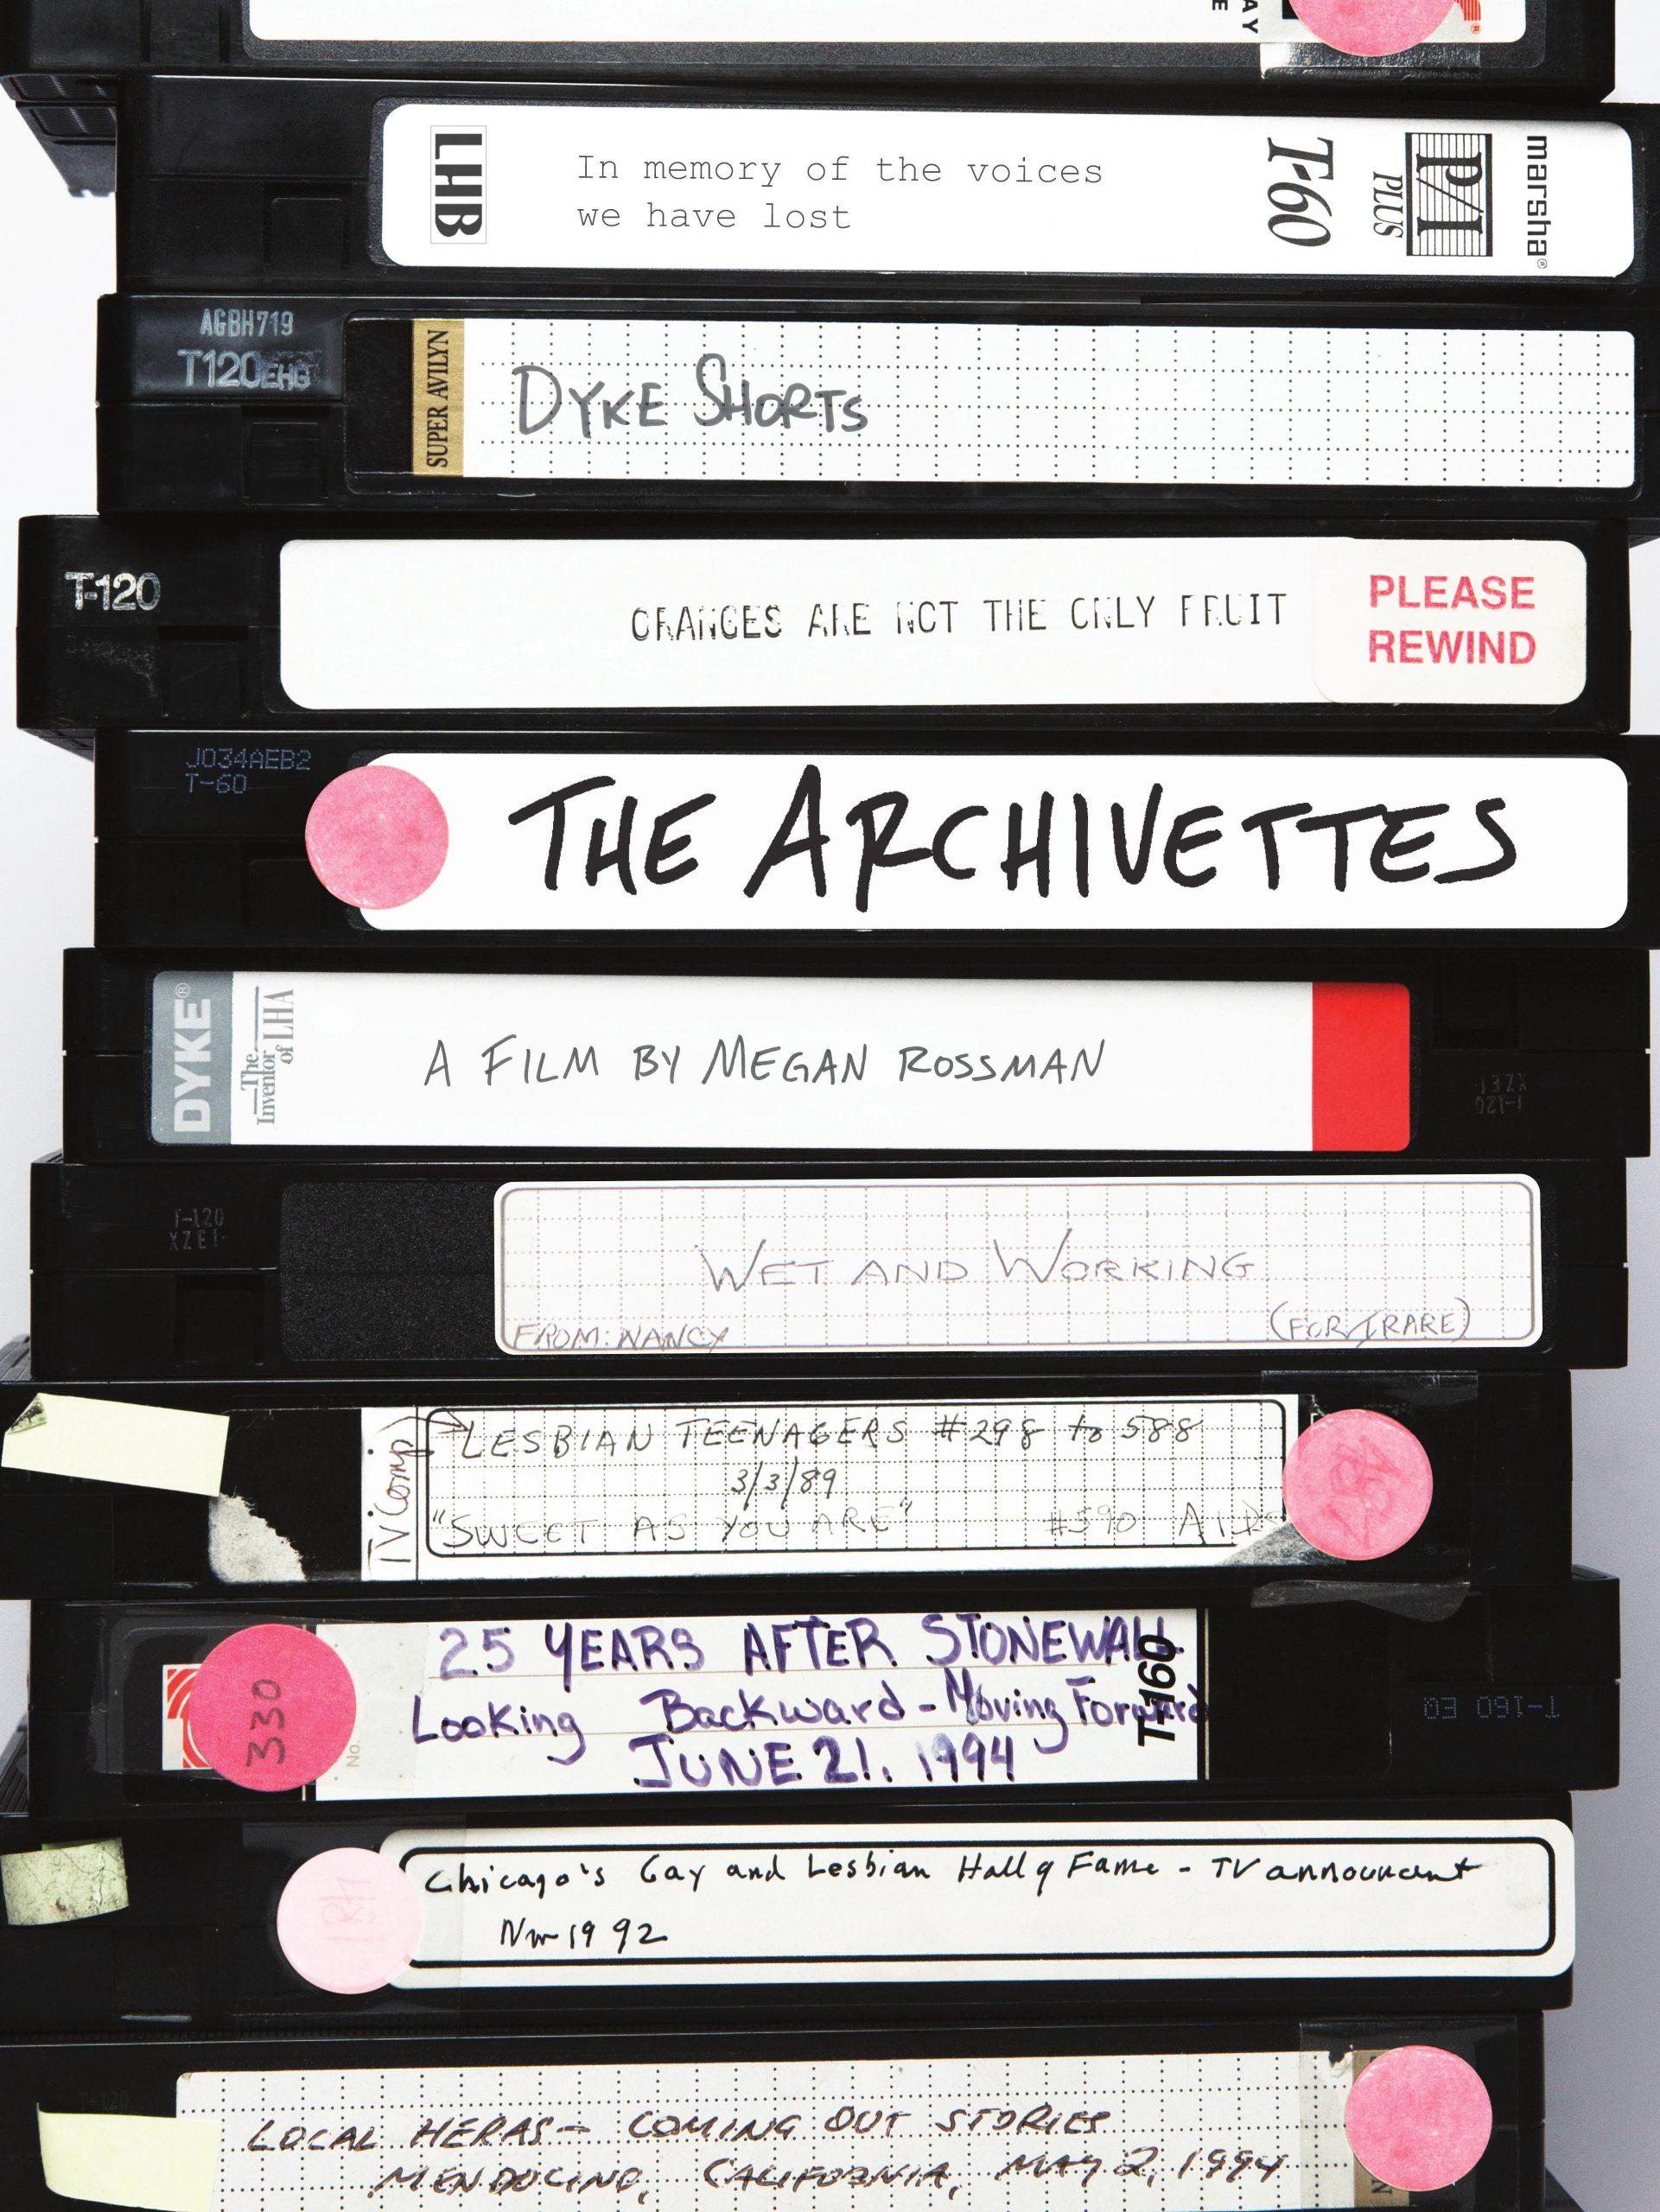 archivettes